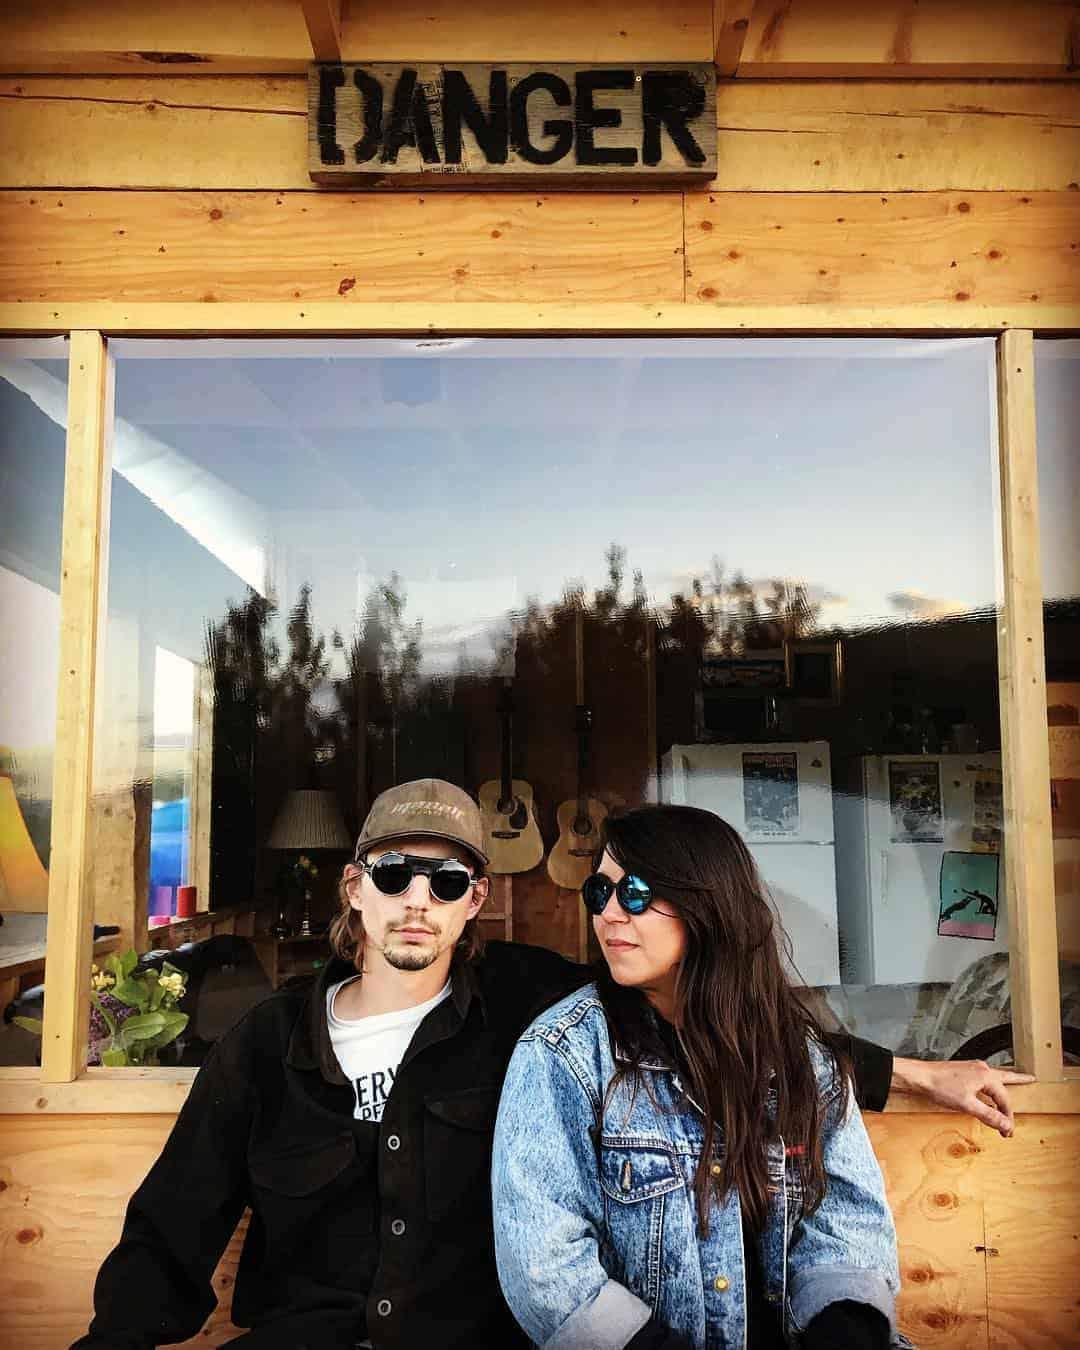 Parker dating